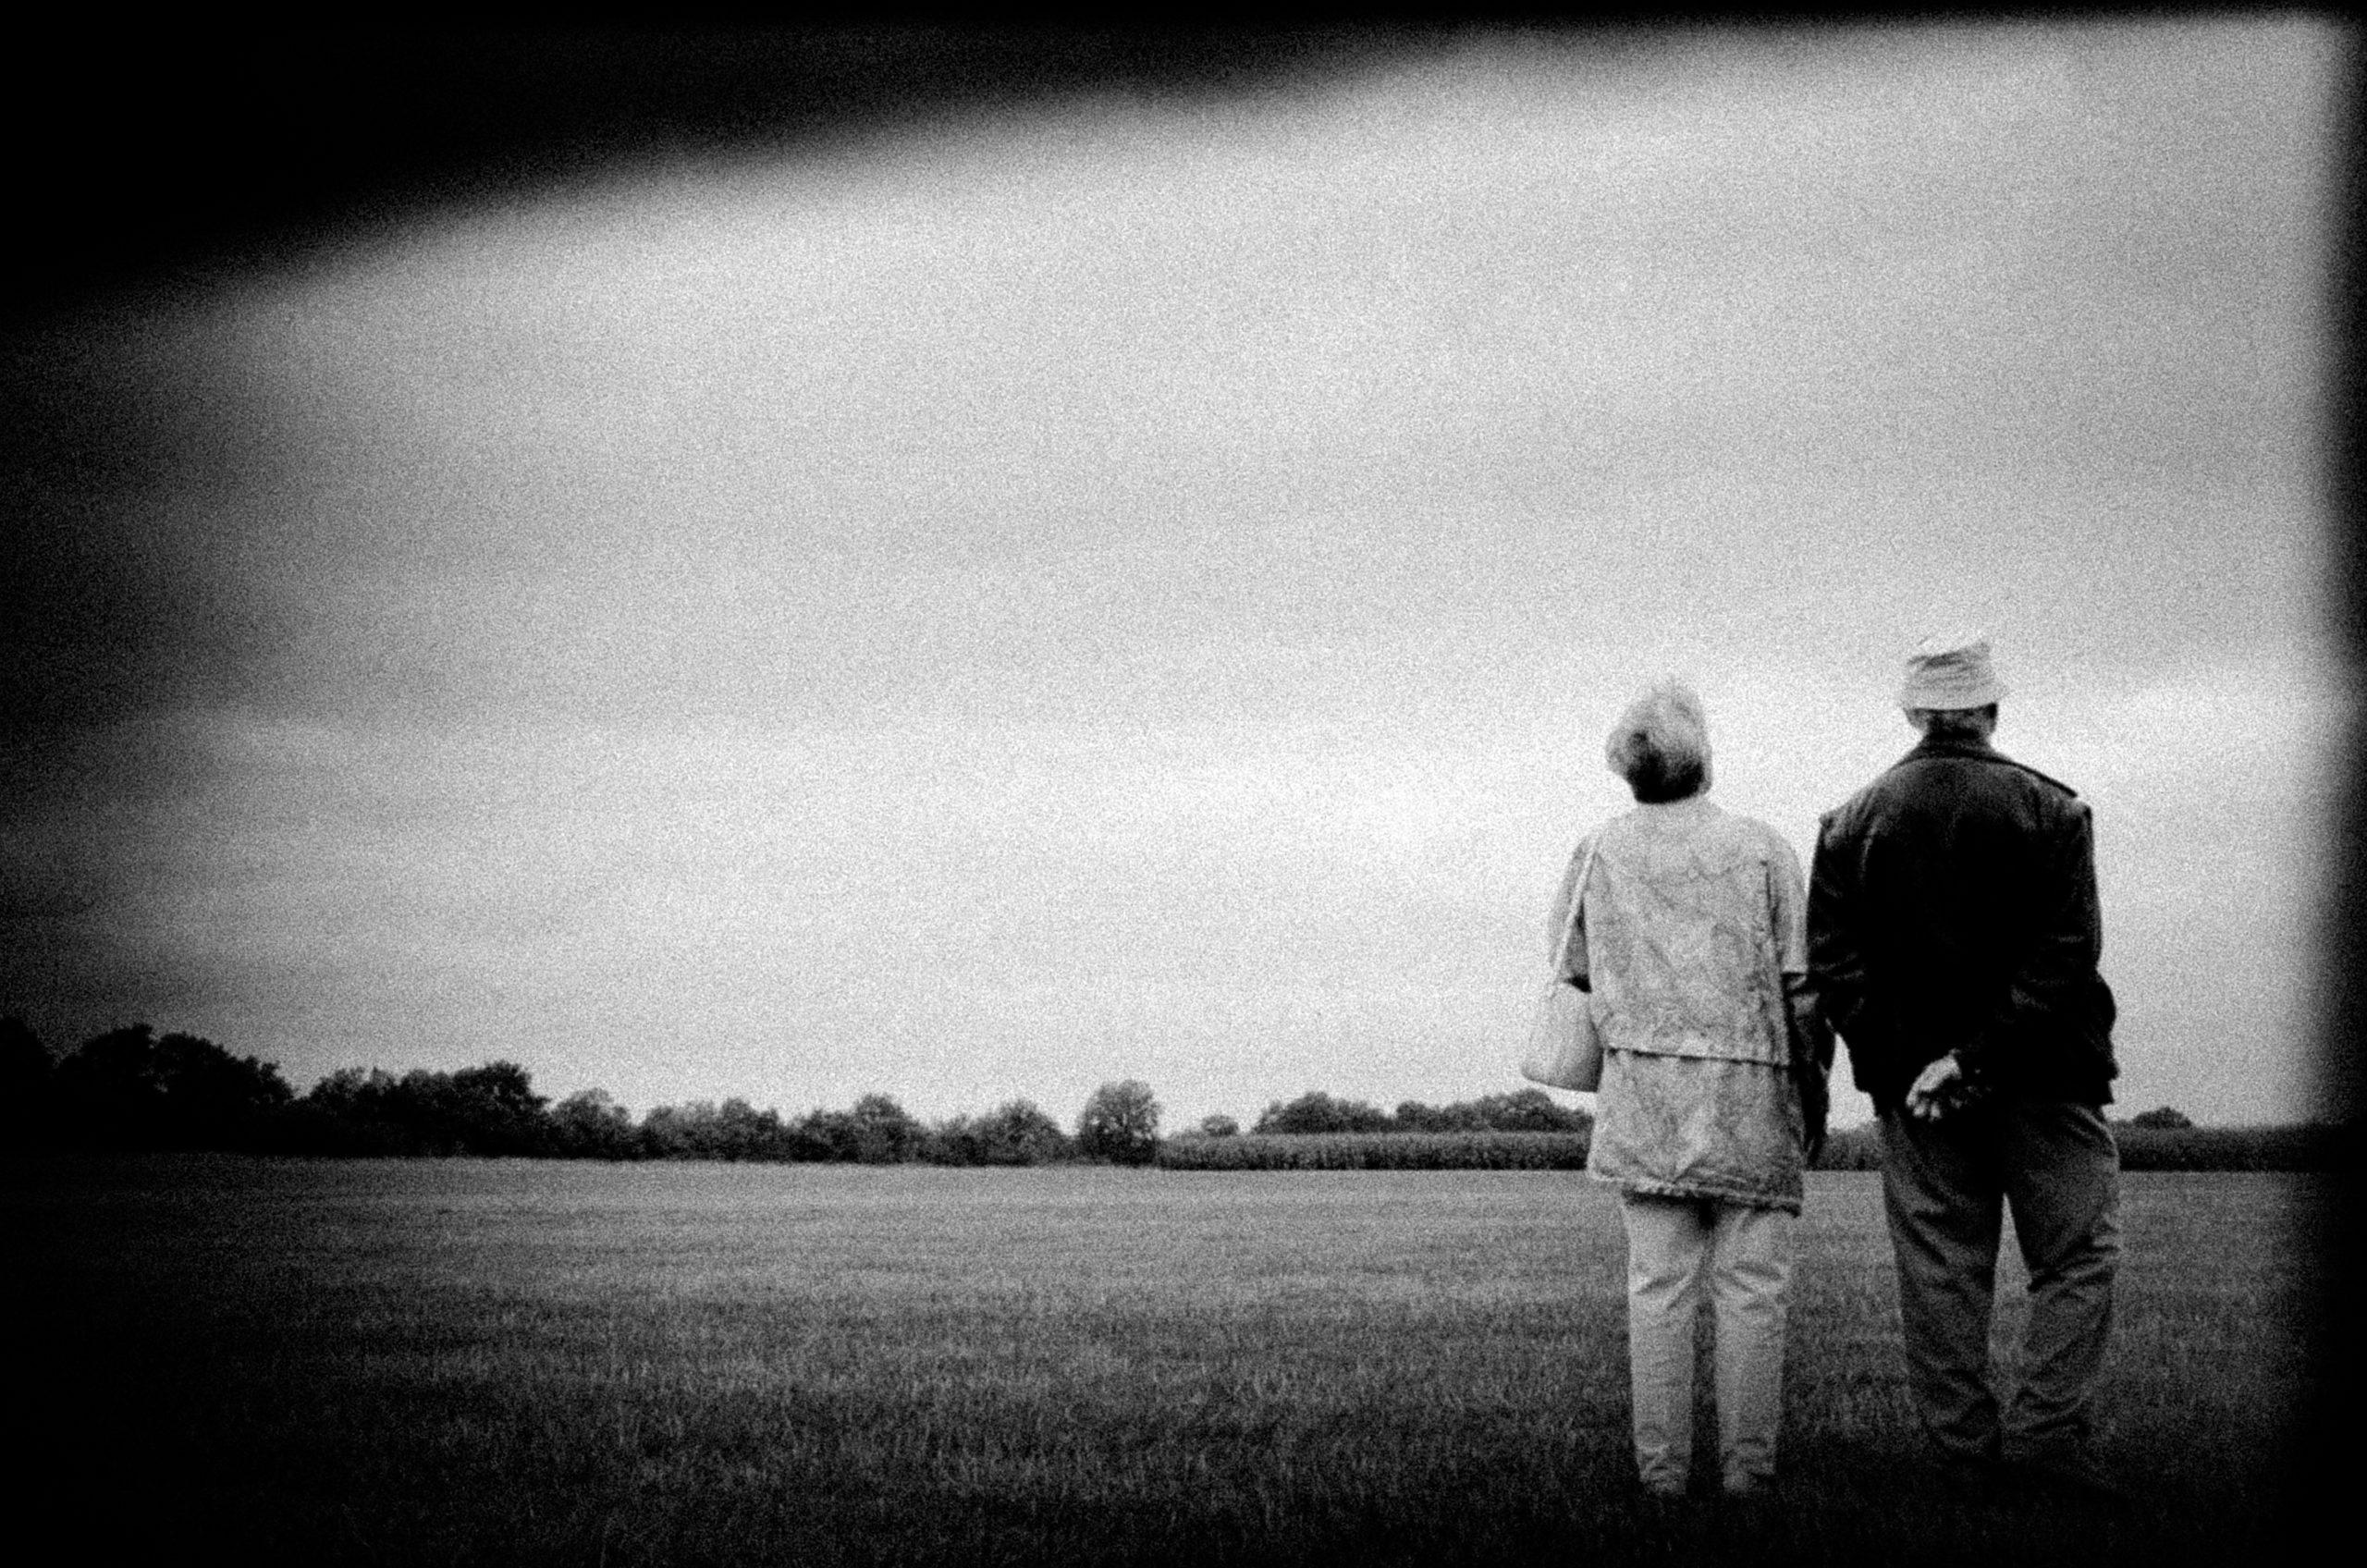 Ensemble pour regarder l'horizon - Août 2004